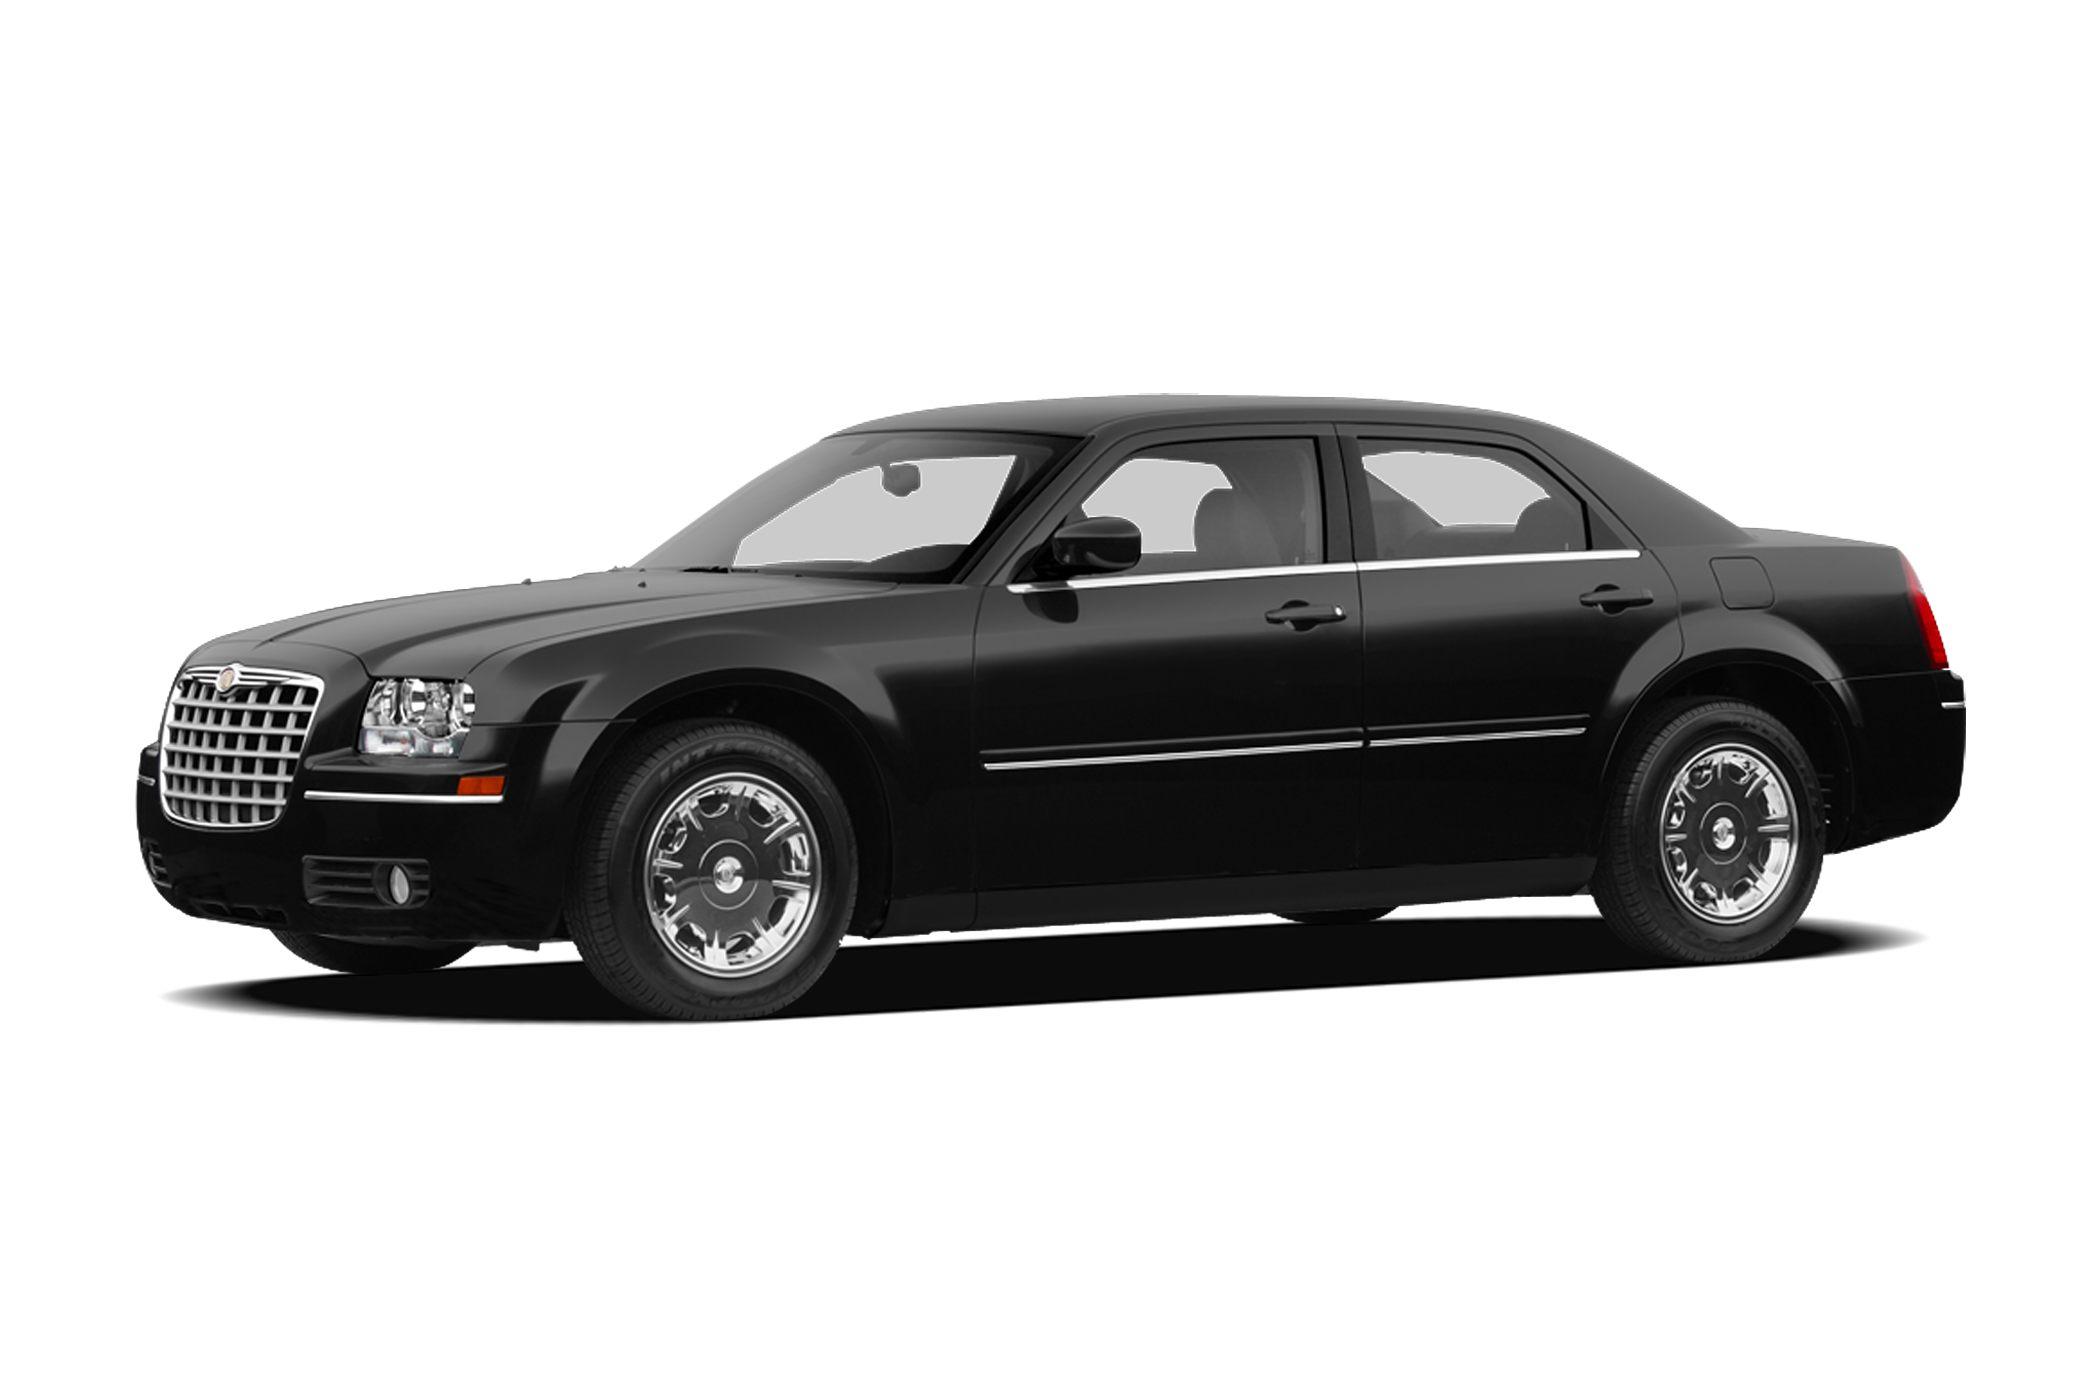 2009 Chrysler 300 LX Sedan for sale in Valdosta for $7,981 with 132,481 miles